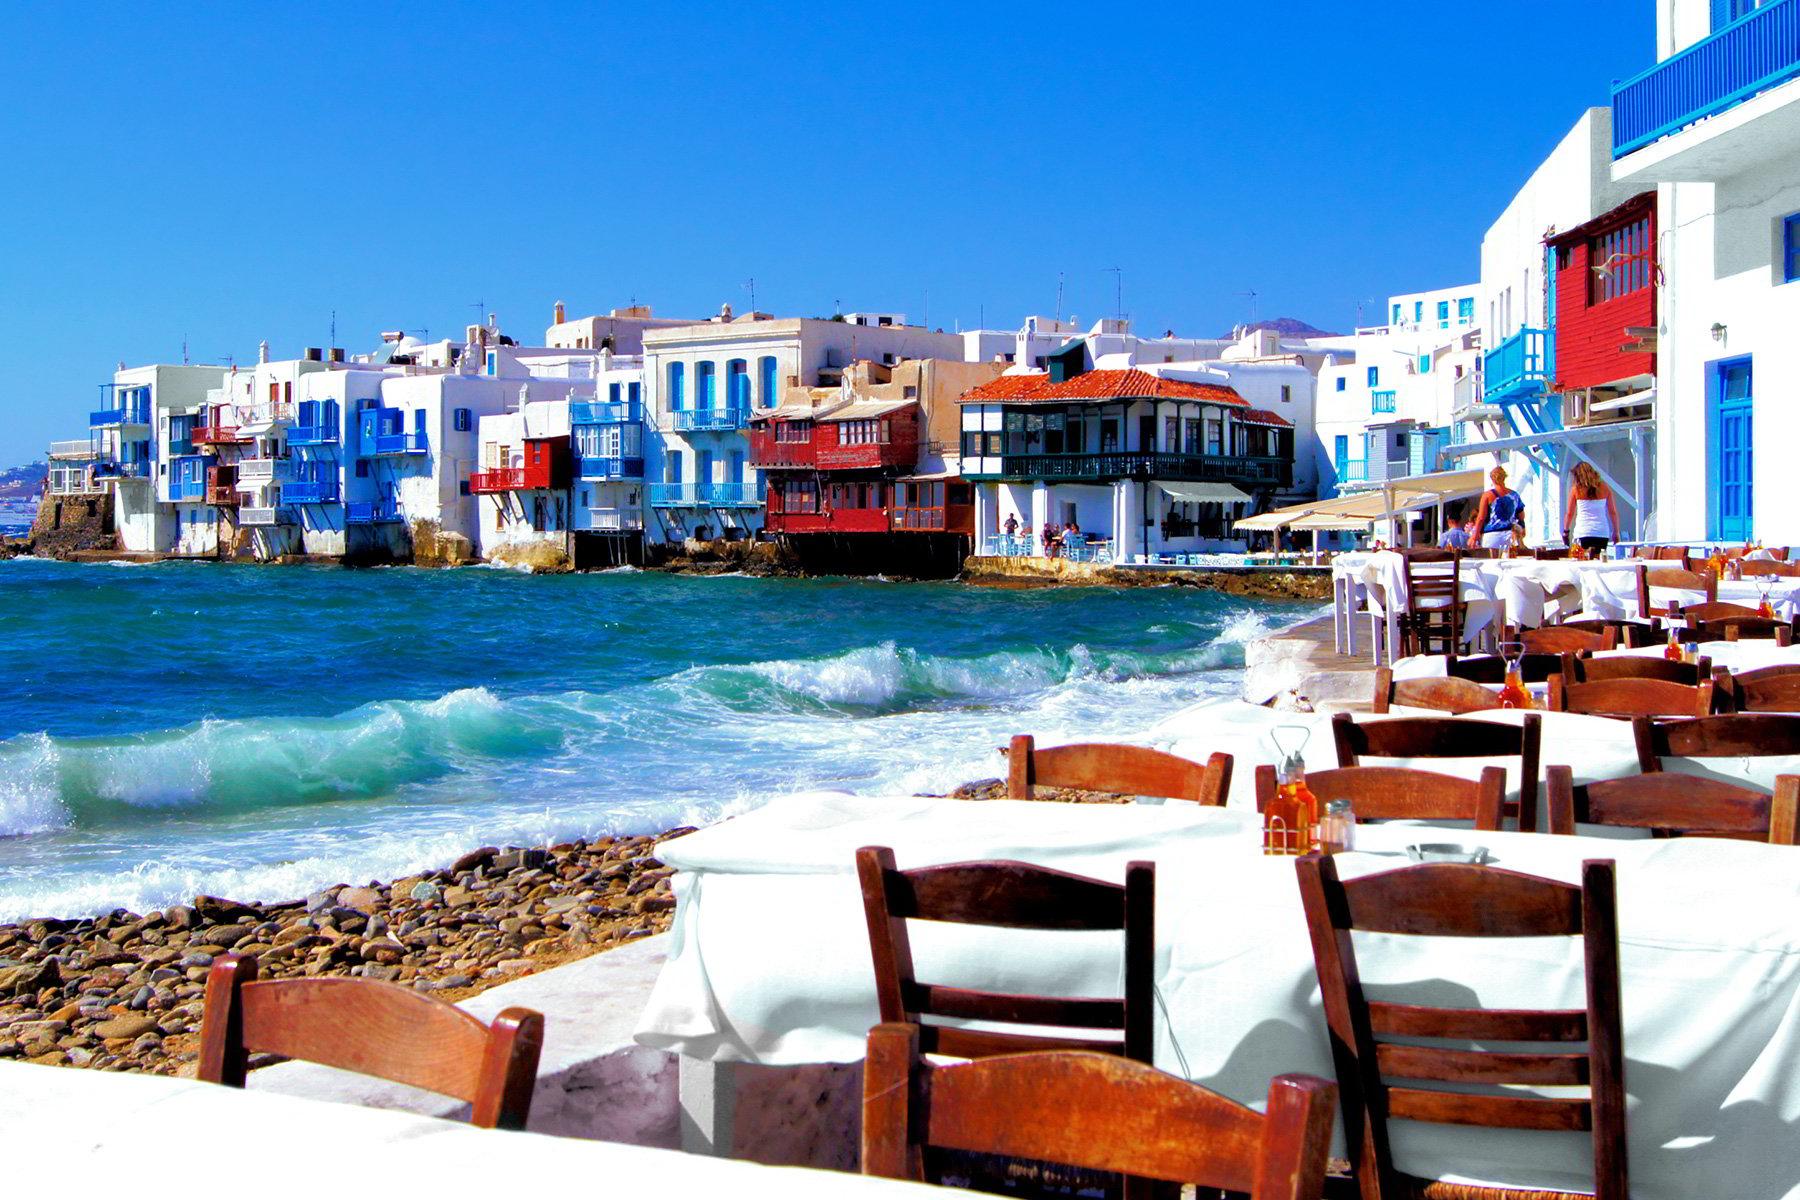 Big colorful little venice neighborhood of mykonos island